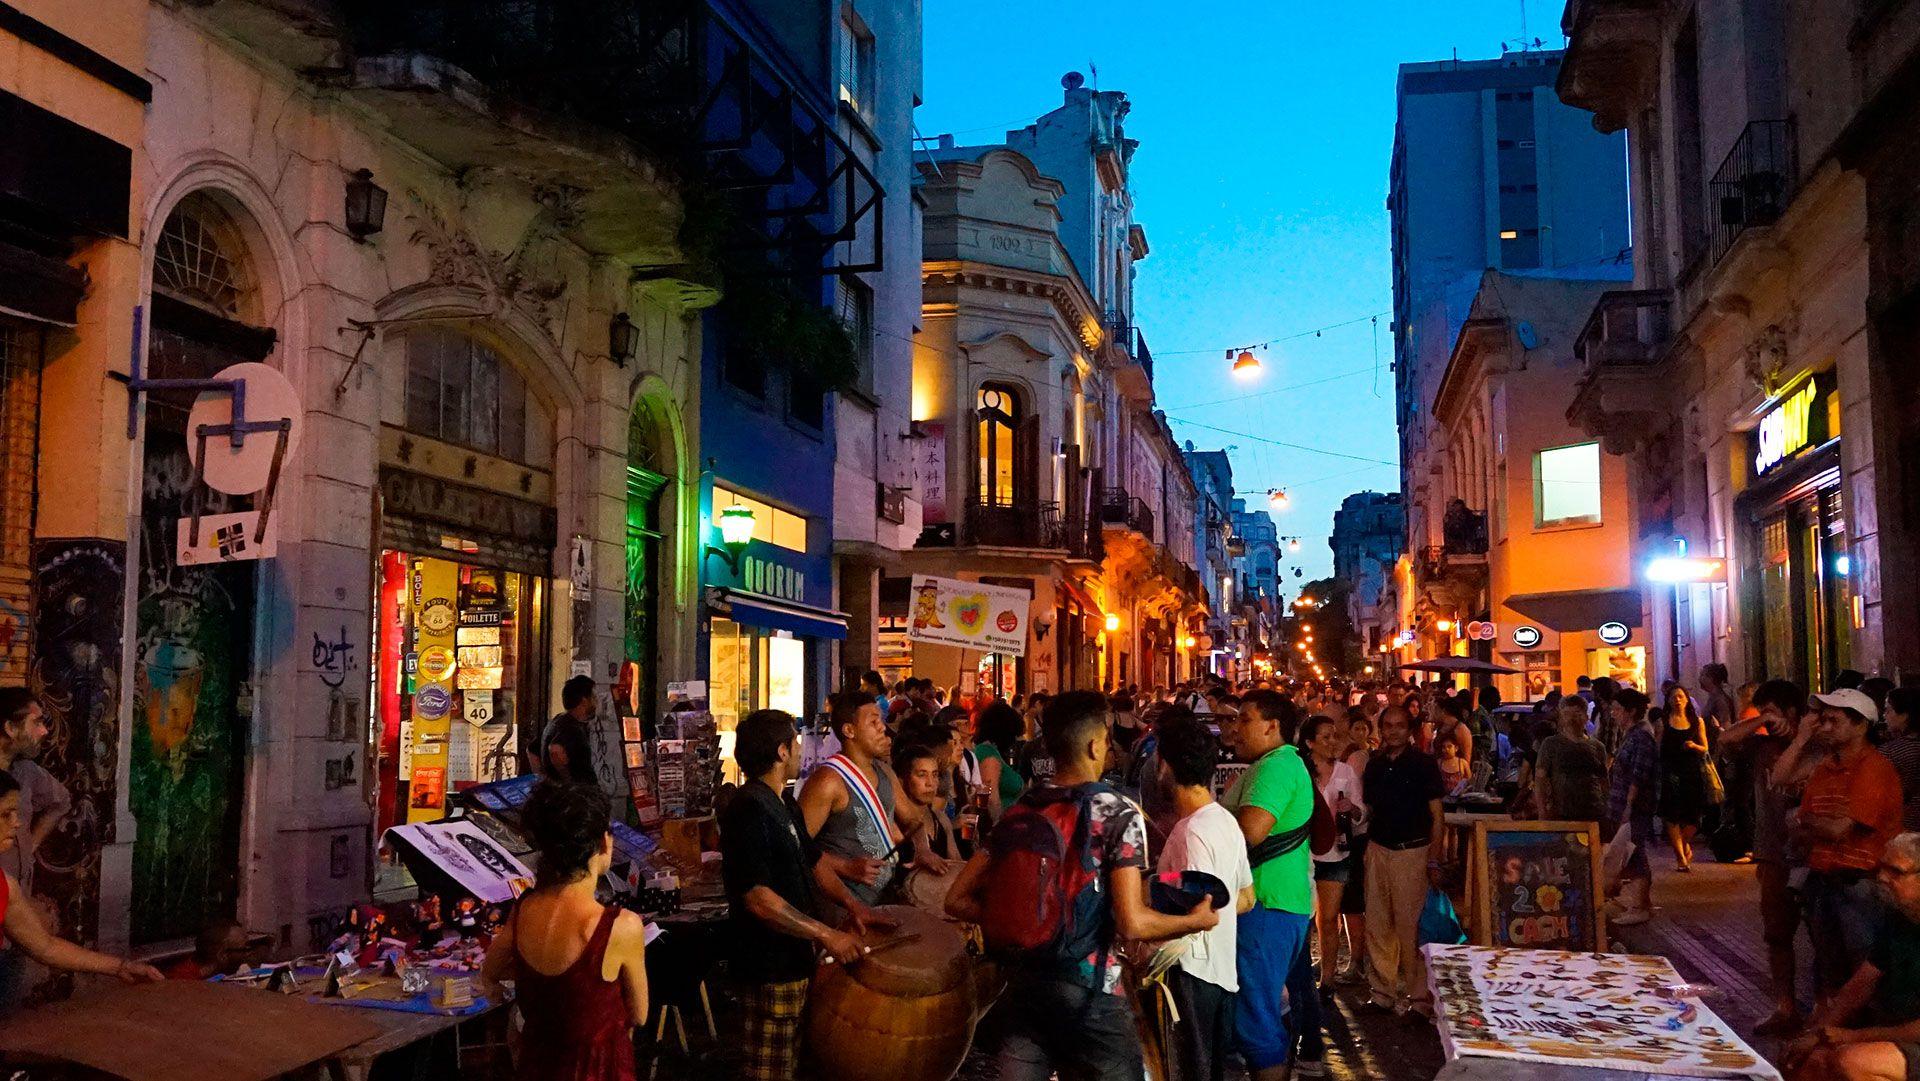 """""""Pese a los altibajos, la ciudad continúa, independientemente, abriendo nuevos restaurantes increíbles; inventando nuevas formas de exhibir las siempre emocionantes ofertas de vino del país; desarrollando una escena artística excepcionalmente estimulante; e ideando giros creativos sobre la tradición en todo, desde aperitivos hasta librerías. Visitar Buenos Aires siempre está lleno de nuevos descubrimientos y amados incondicionales"""" (Shutterstock)"""